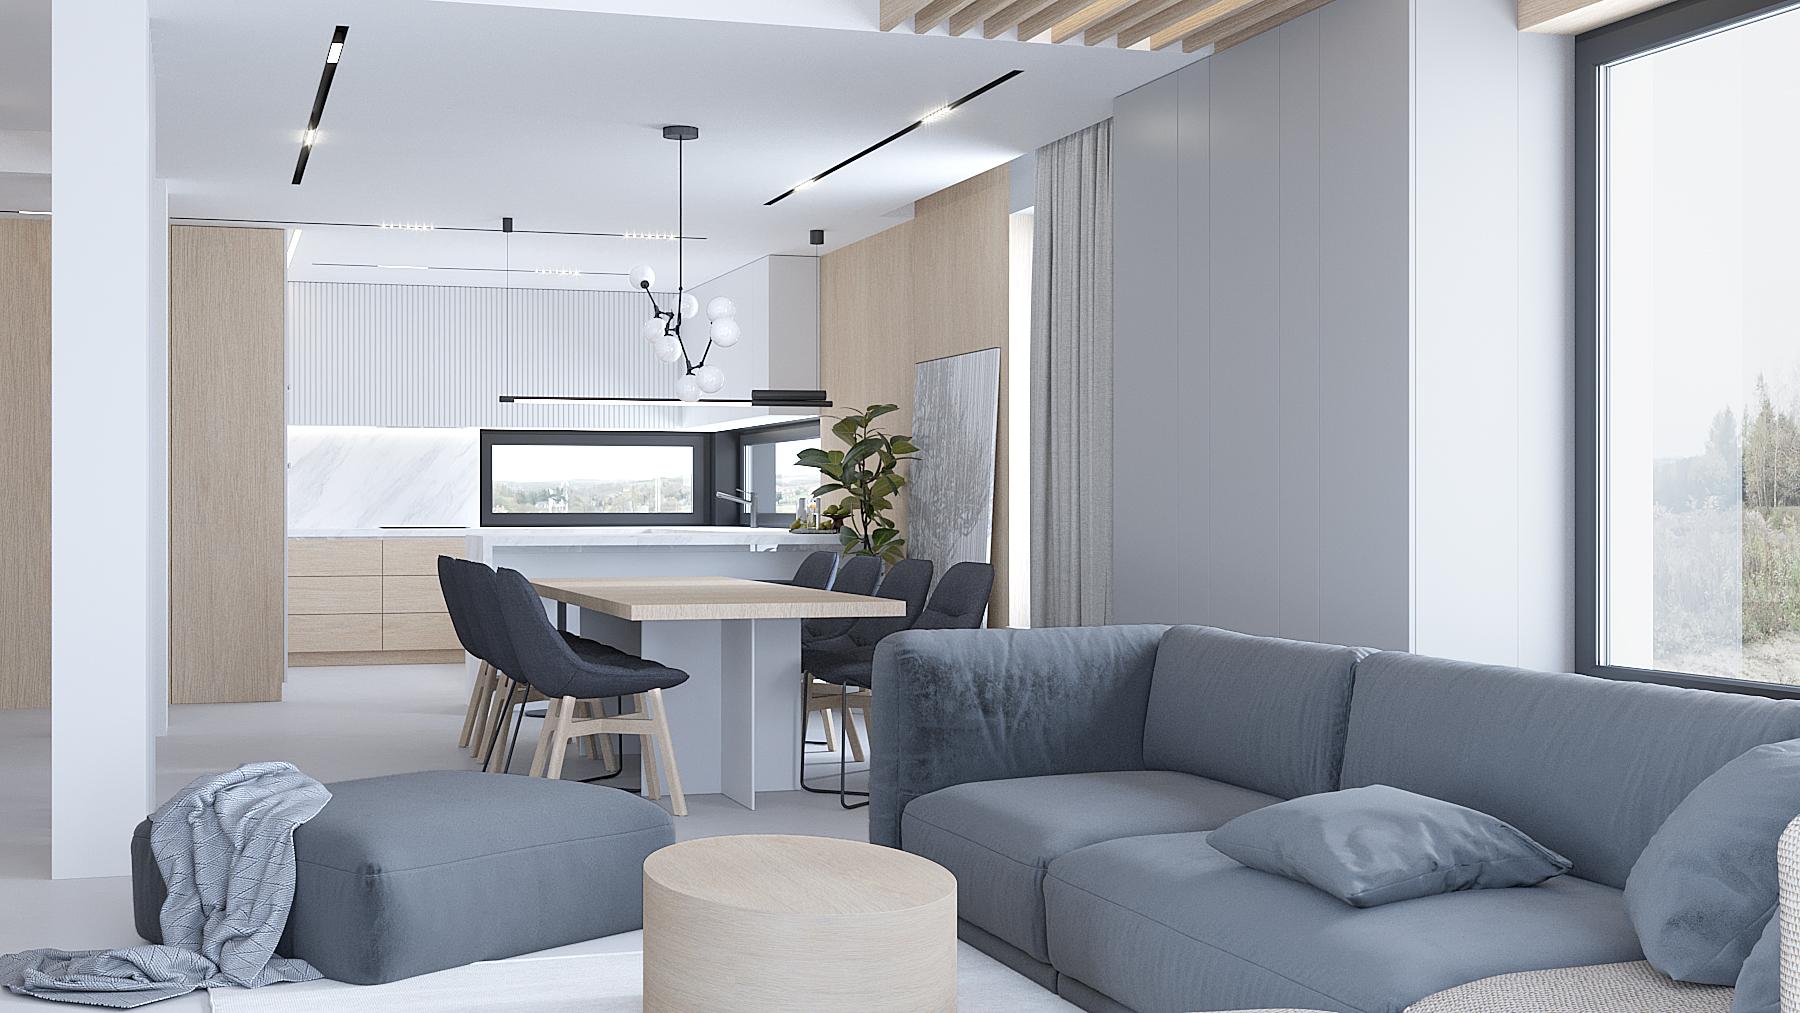 14 projektowanie wnetrz D557 dom Bibice salon jadalnia duzy stol okragly stolik kawowy zabudowa meblowa w salonie